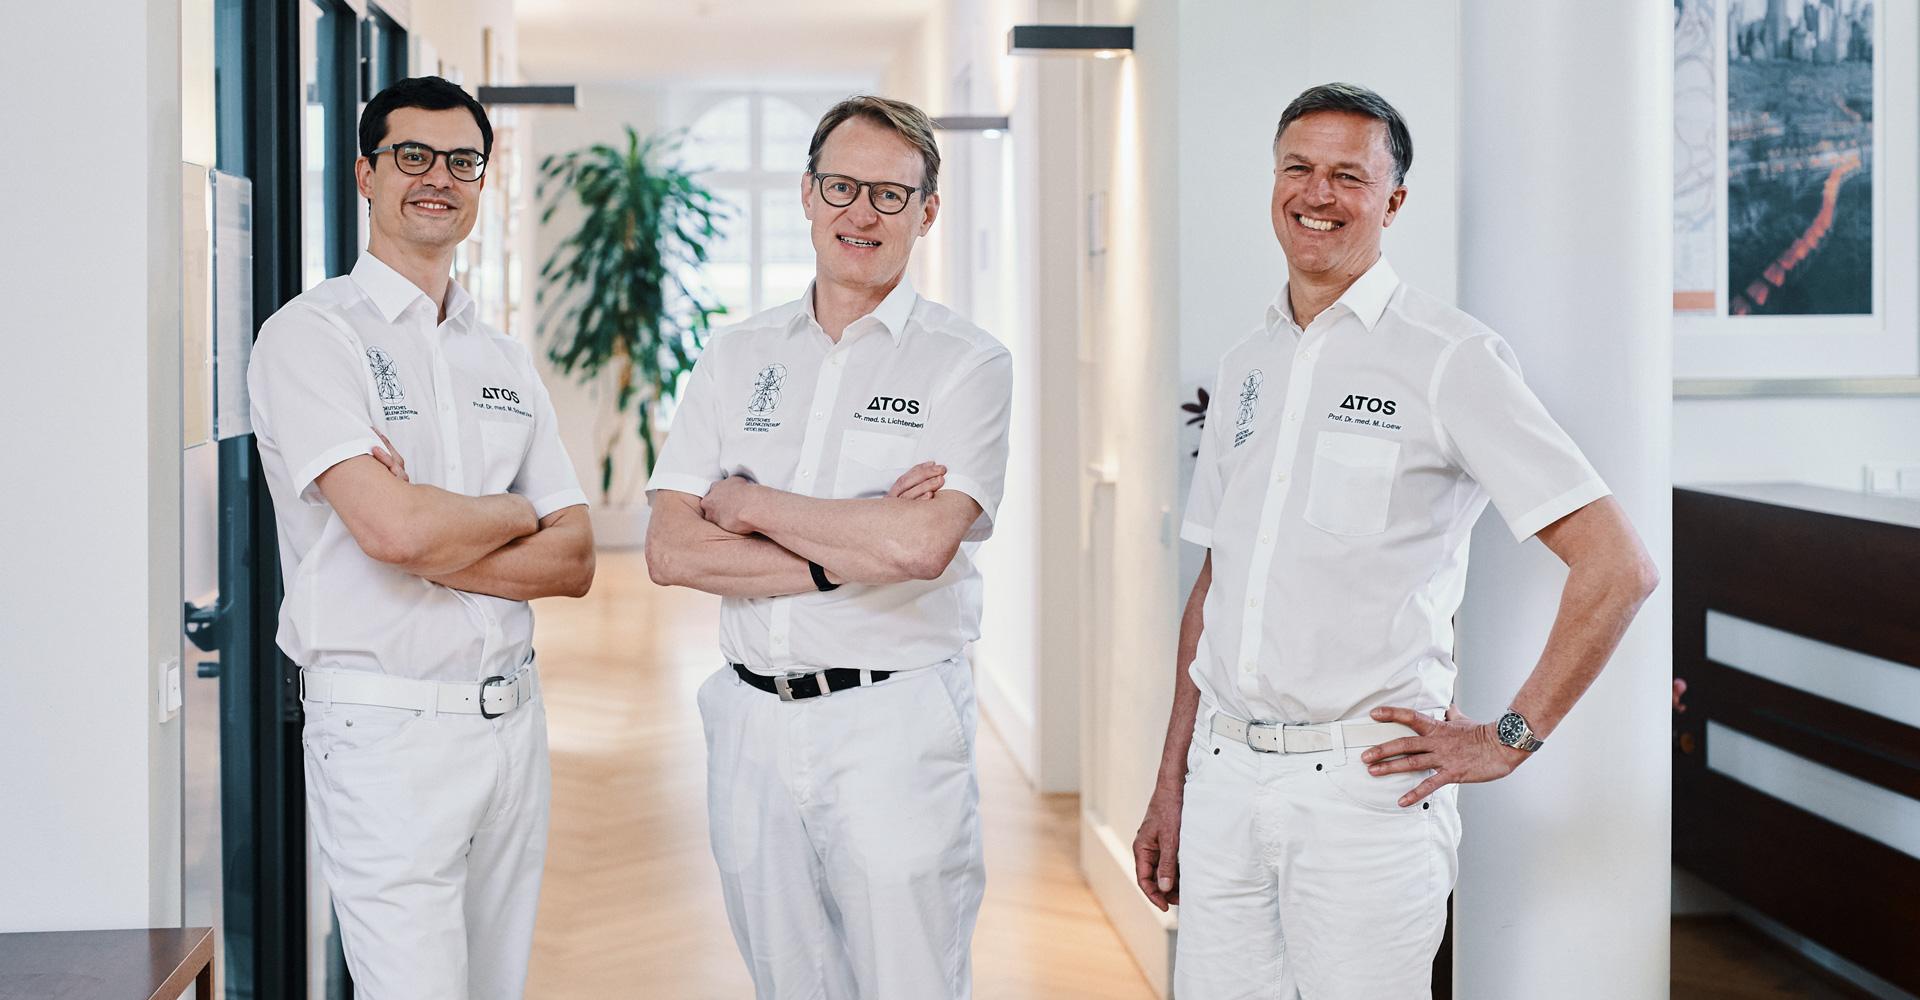 Gruppenfoto Dr. Lichtenberg, Prof. Schnetzke und Prof. Loew (obere Extremität)